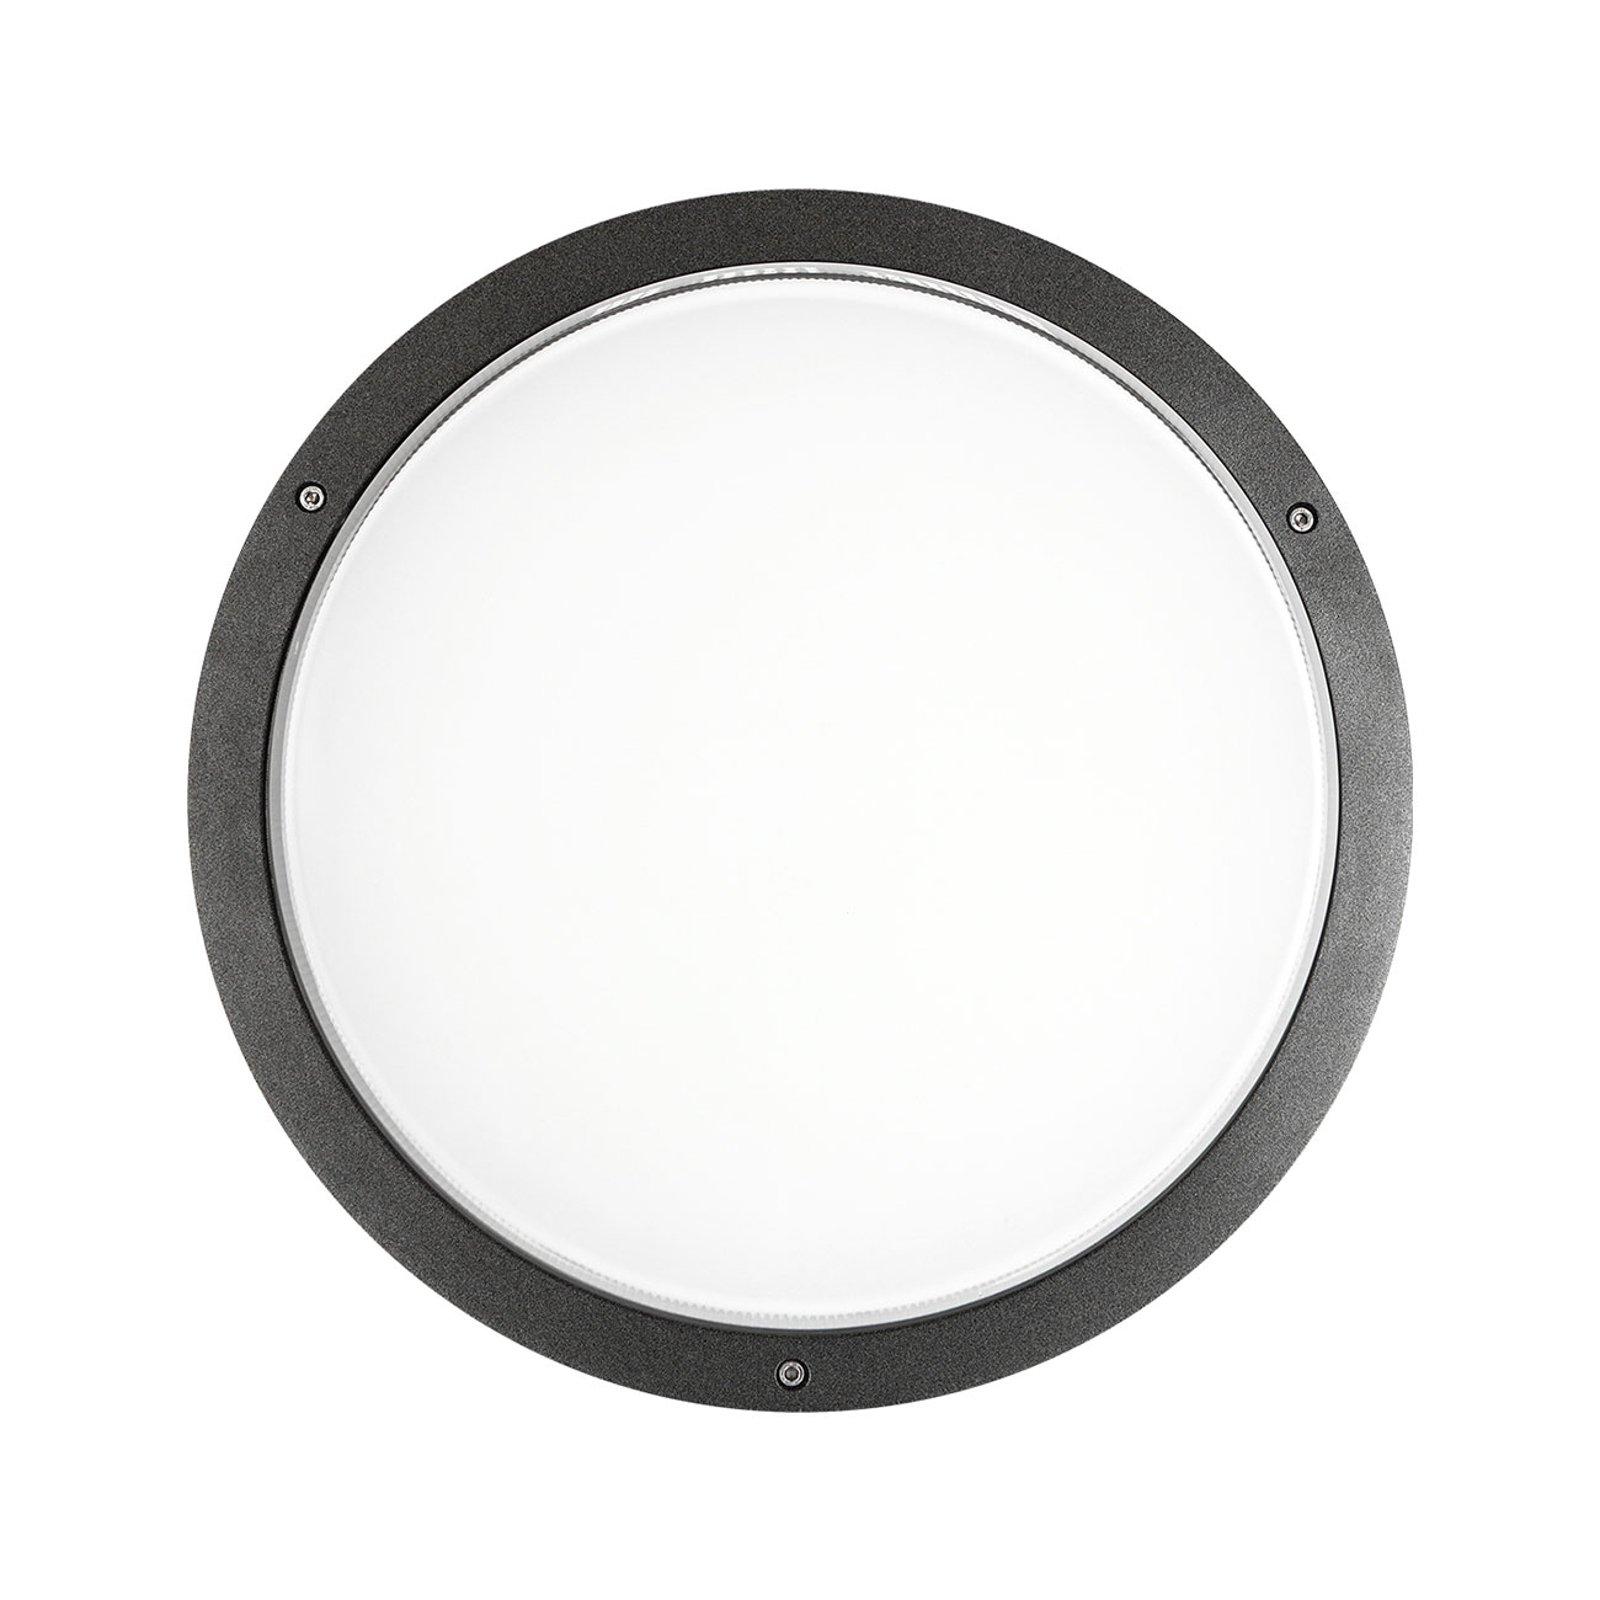 Vegglampe Bliz Round 40 3 000 K, antrasitt dimbar